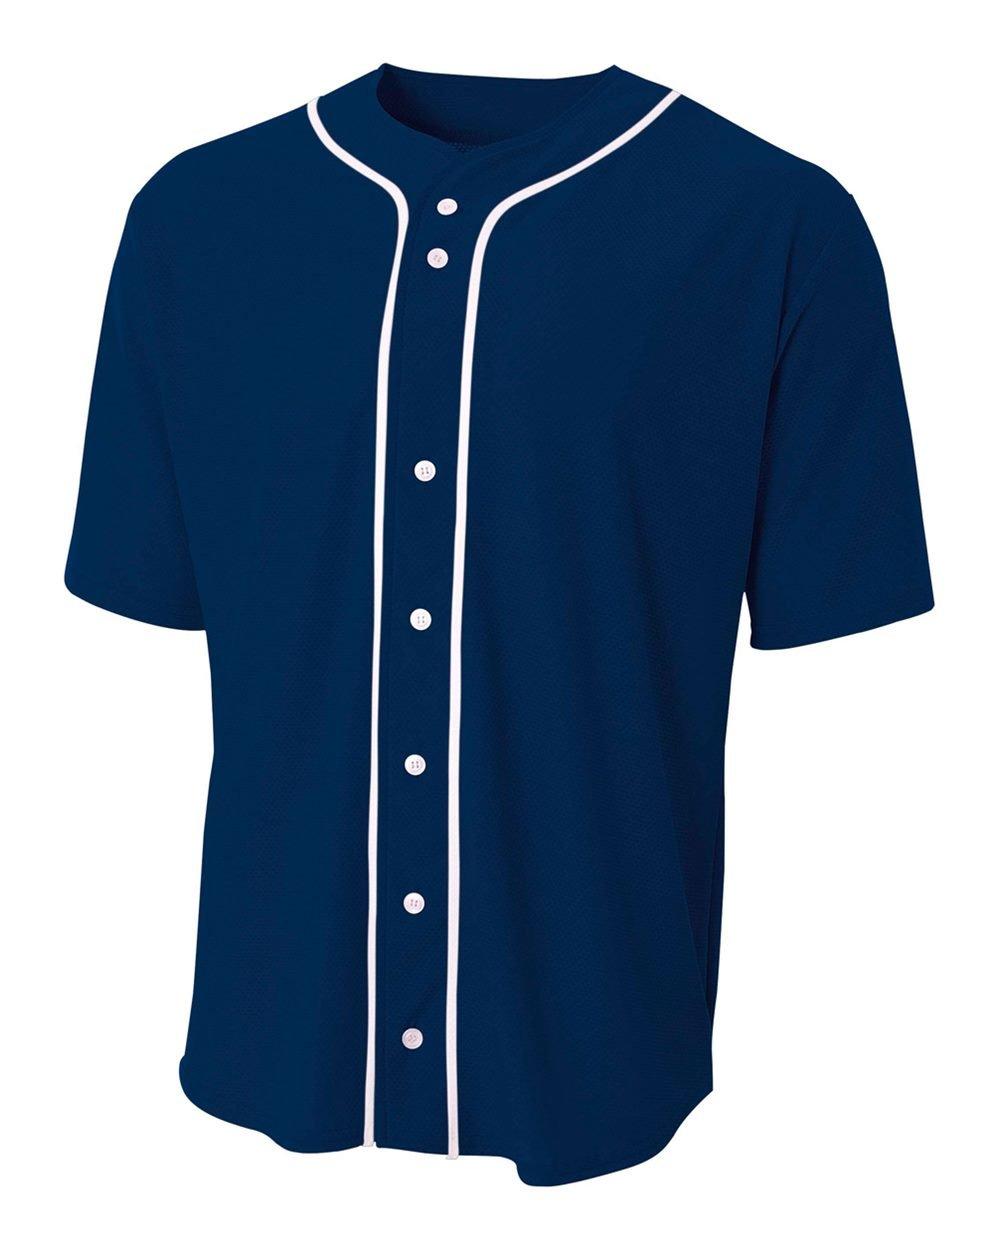 野球フルボタンカスタムまたは空白Wicking Jersey ( 8 Uniform色で子供大人用シャツサイズ10 ) B01MG20HOH 4L|Navy Blue (Blank) Navy Blue (Blank) 4L